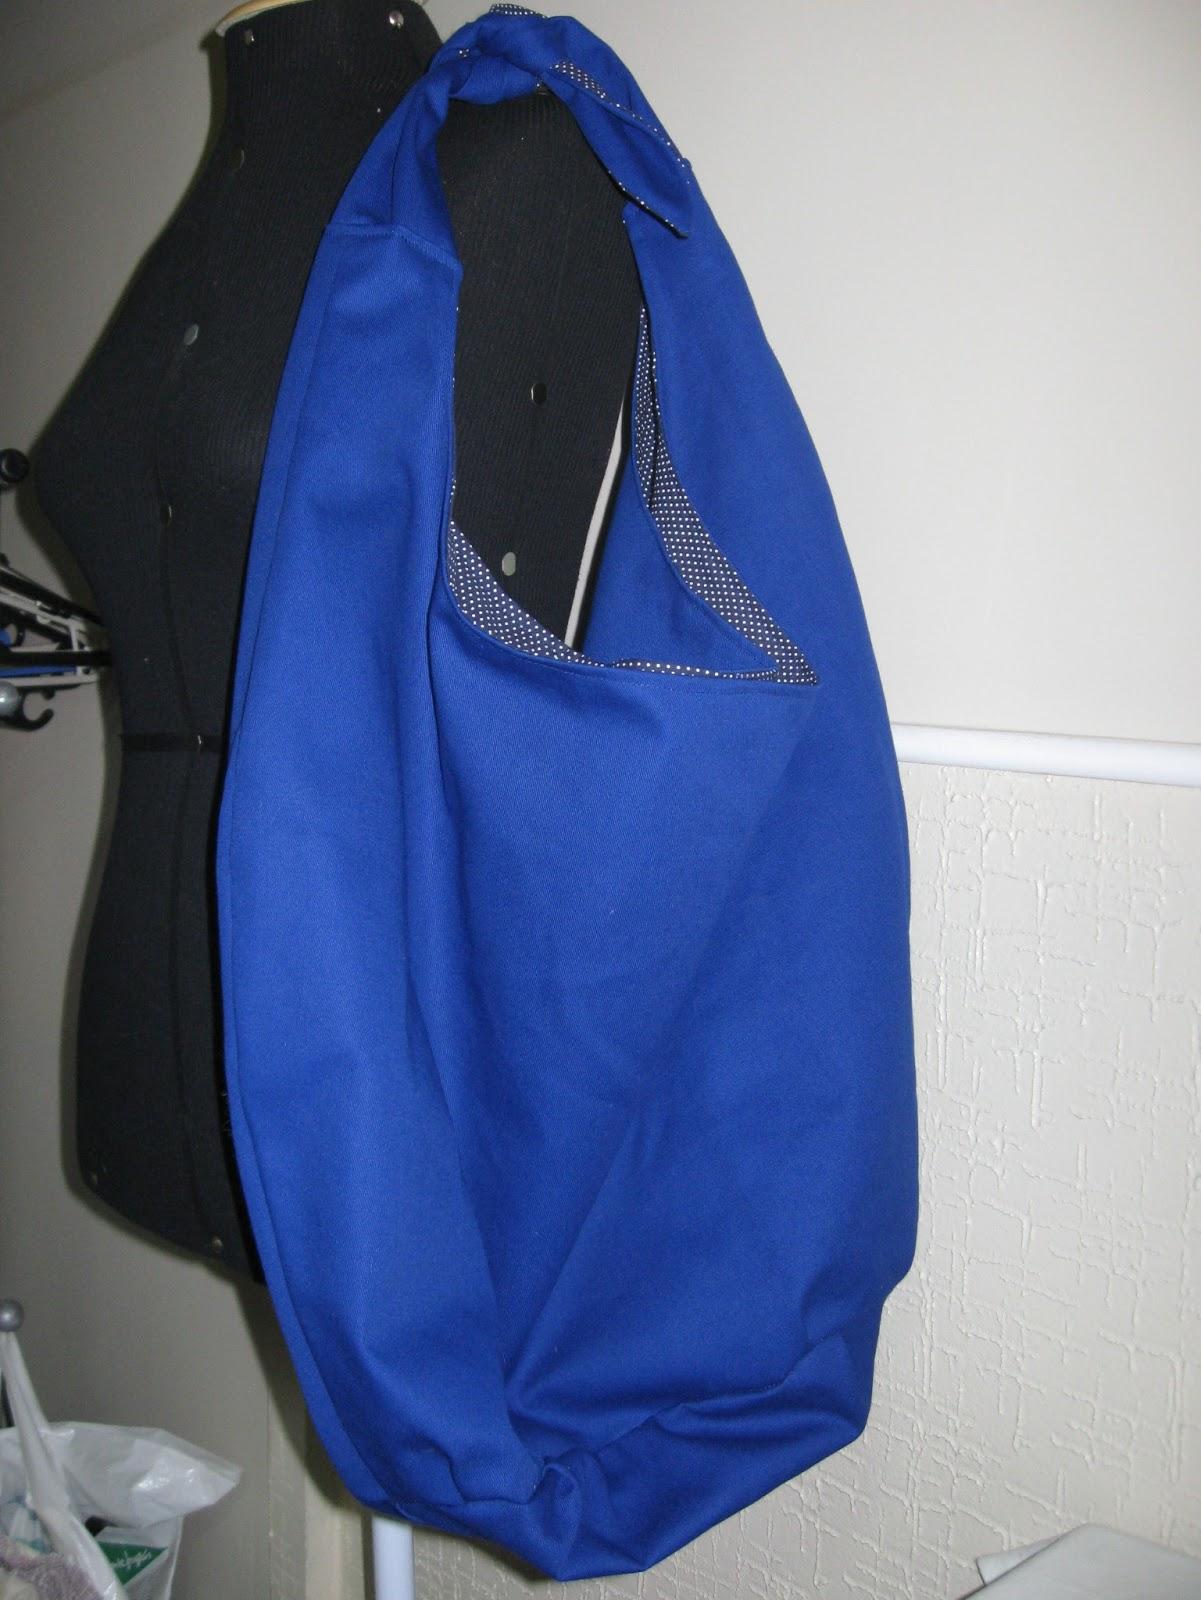 Bolsa De Festa Azul Bic : Luz weber bolsa de brim azul bic